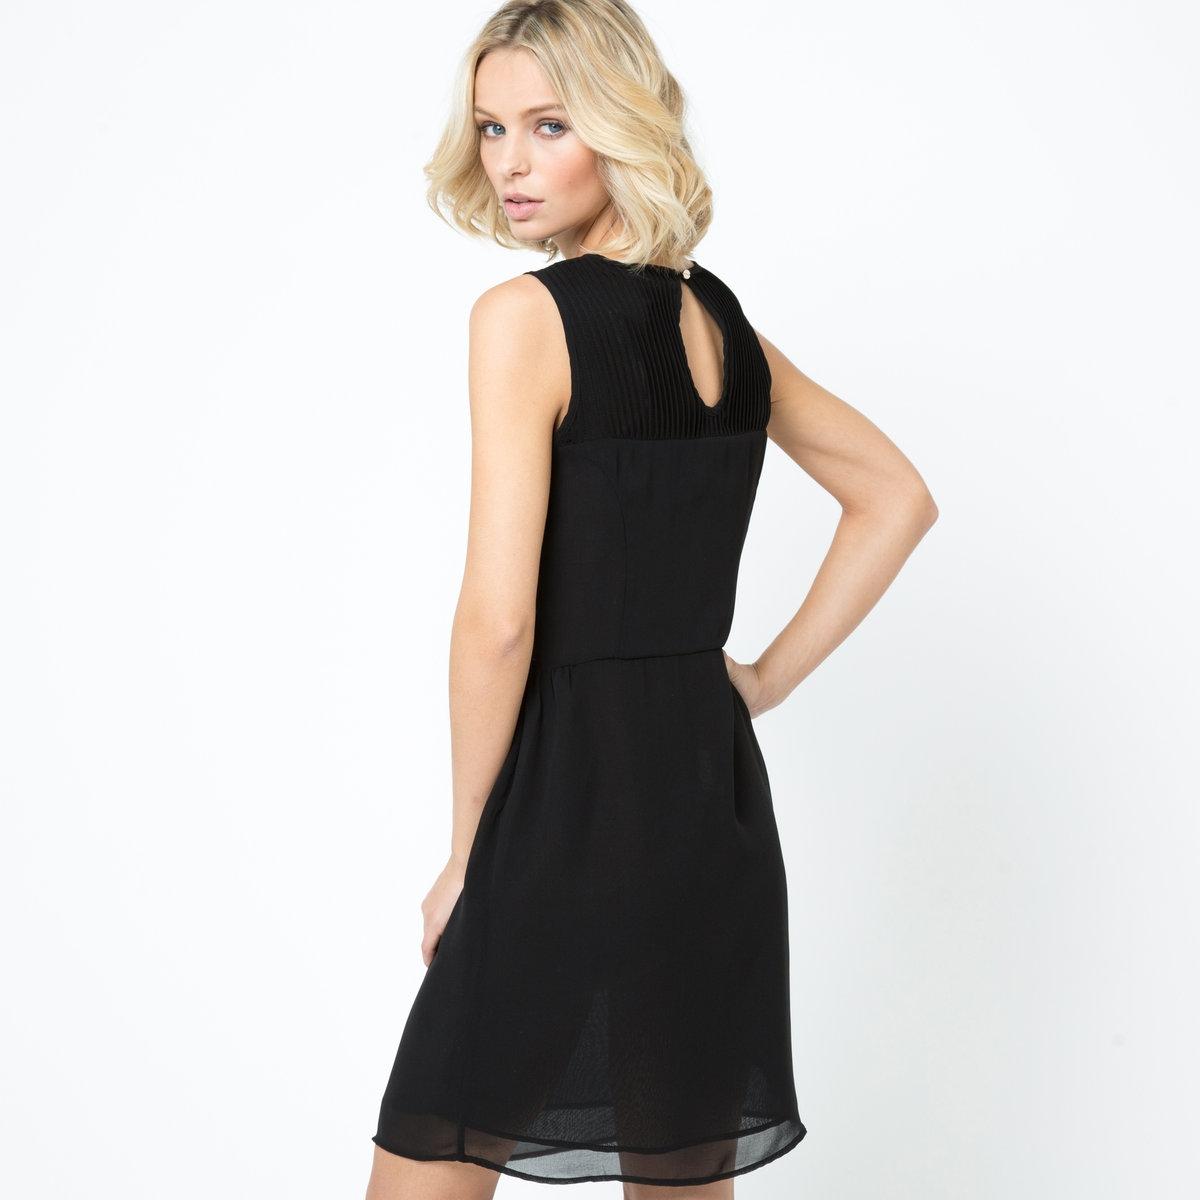 ПлатьеПлатье из 100% полиэстера. Подкладка из крепа, 100% полиэстера. Вырез-капелька с застежкой на пуговицу сзади. Длина ок. 94 см.Слегка прозрачная модель. Рекомендуем носить вместе с нижним платьем.<br><br>Цвет: черный<br>Размер: 42 (FR) - 48 (RUS).48 (FR) - 54 (RUS)